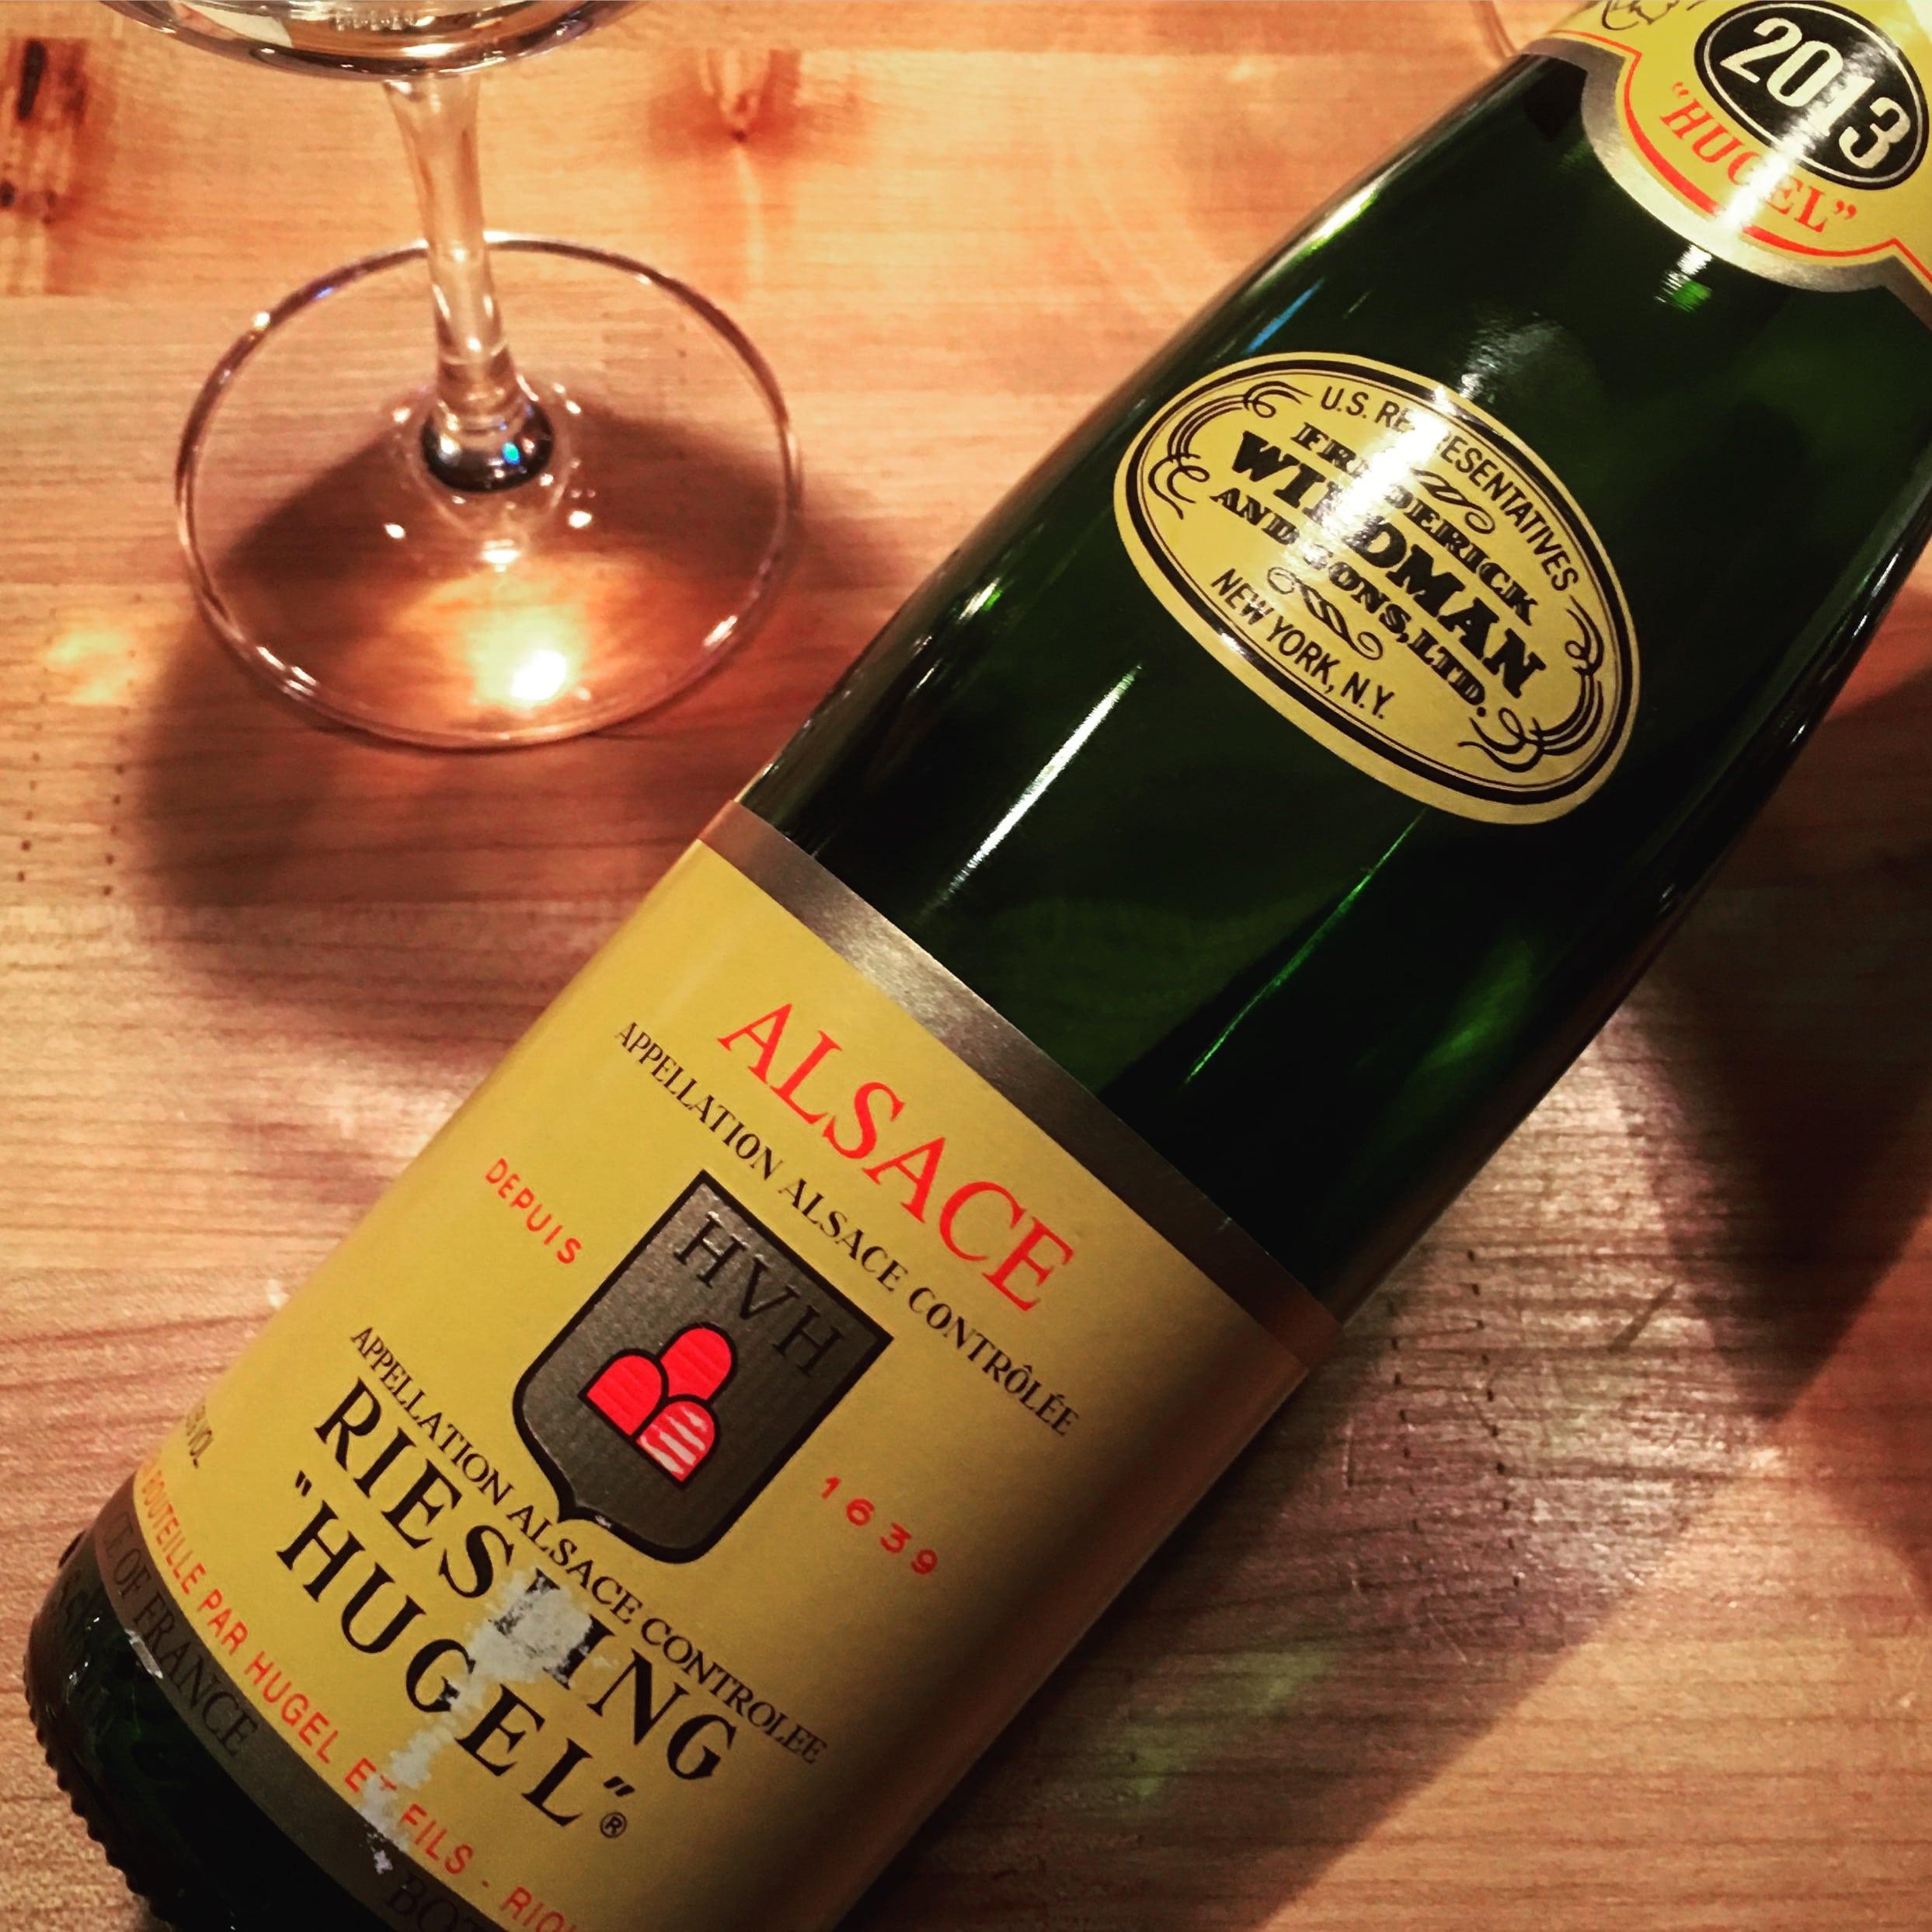 Hugel Riesling Alsace 2013